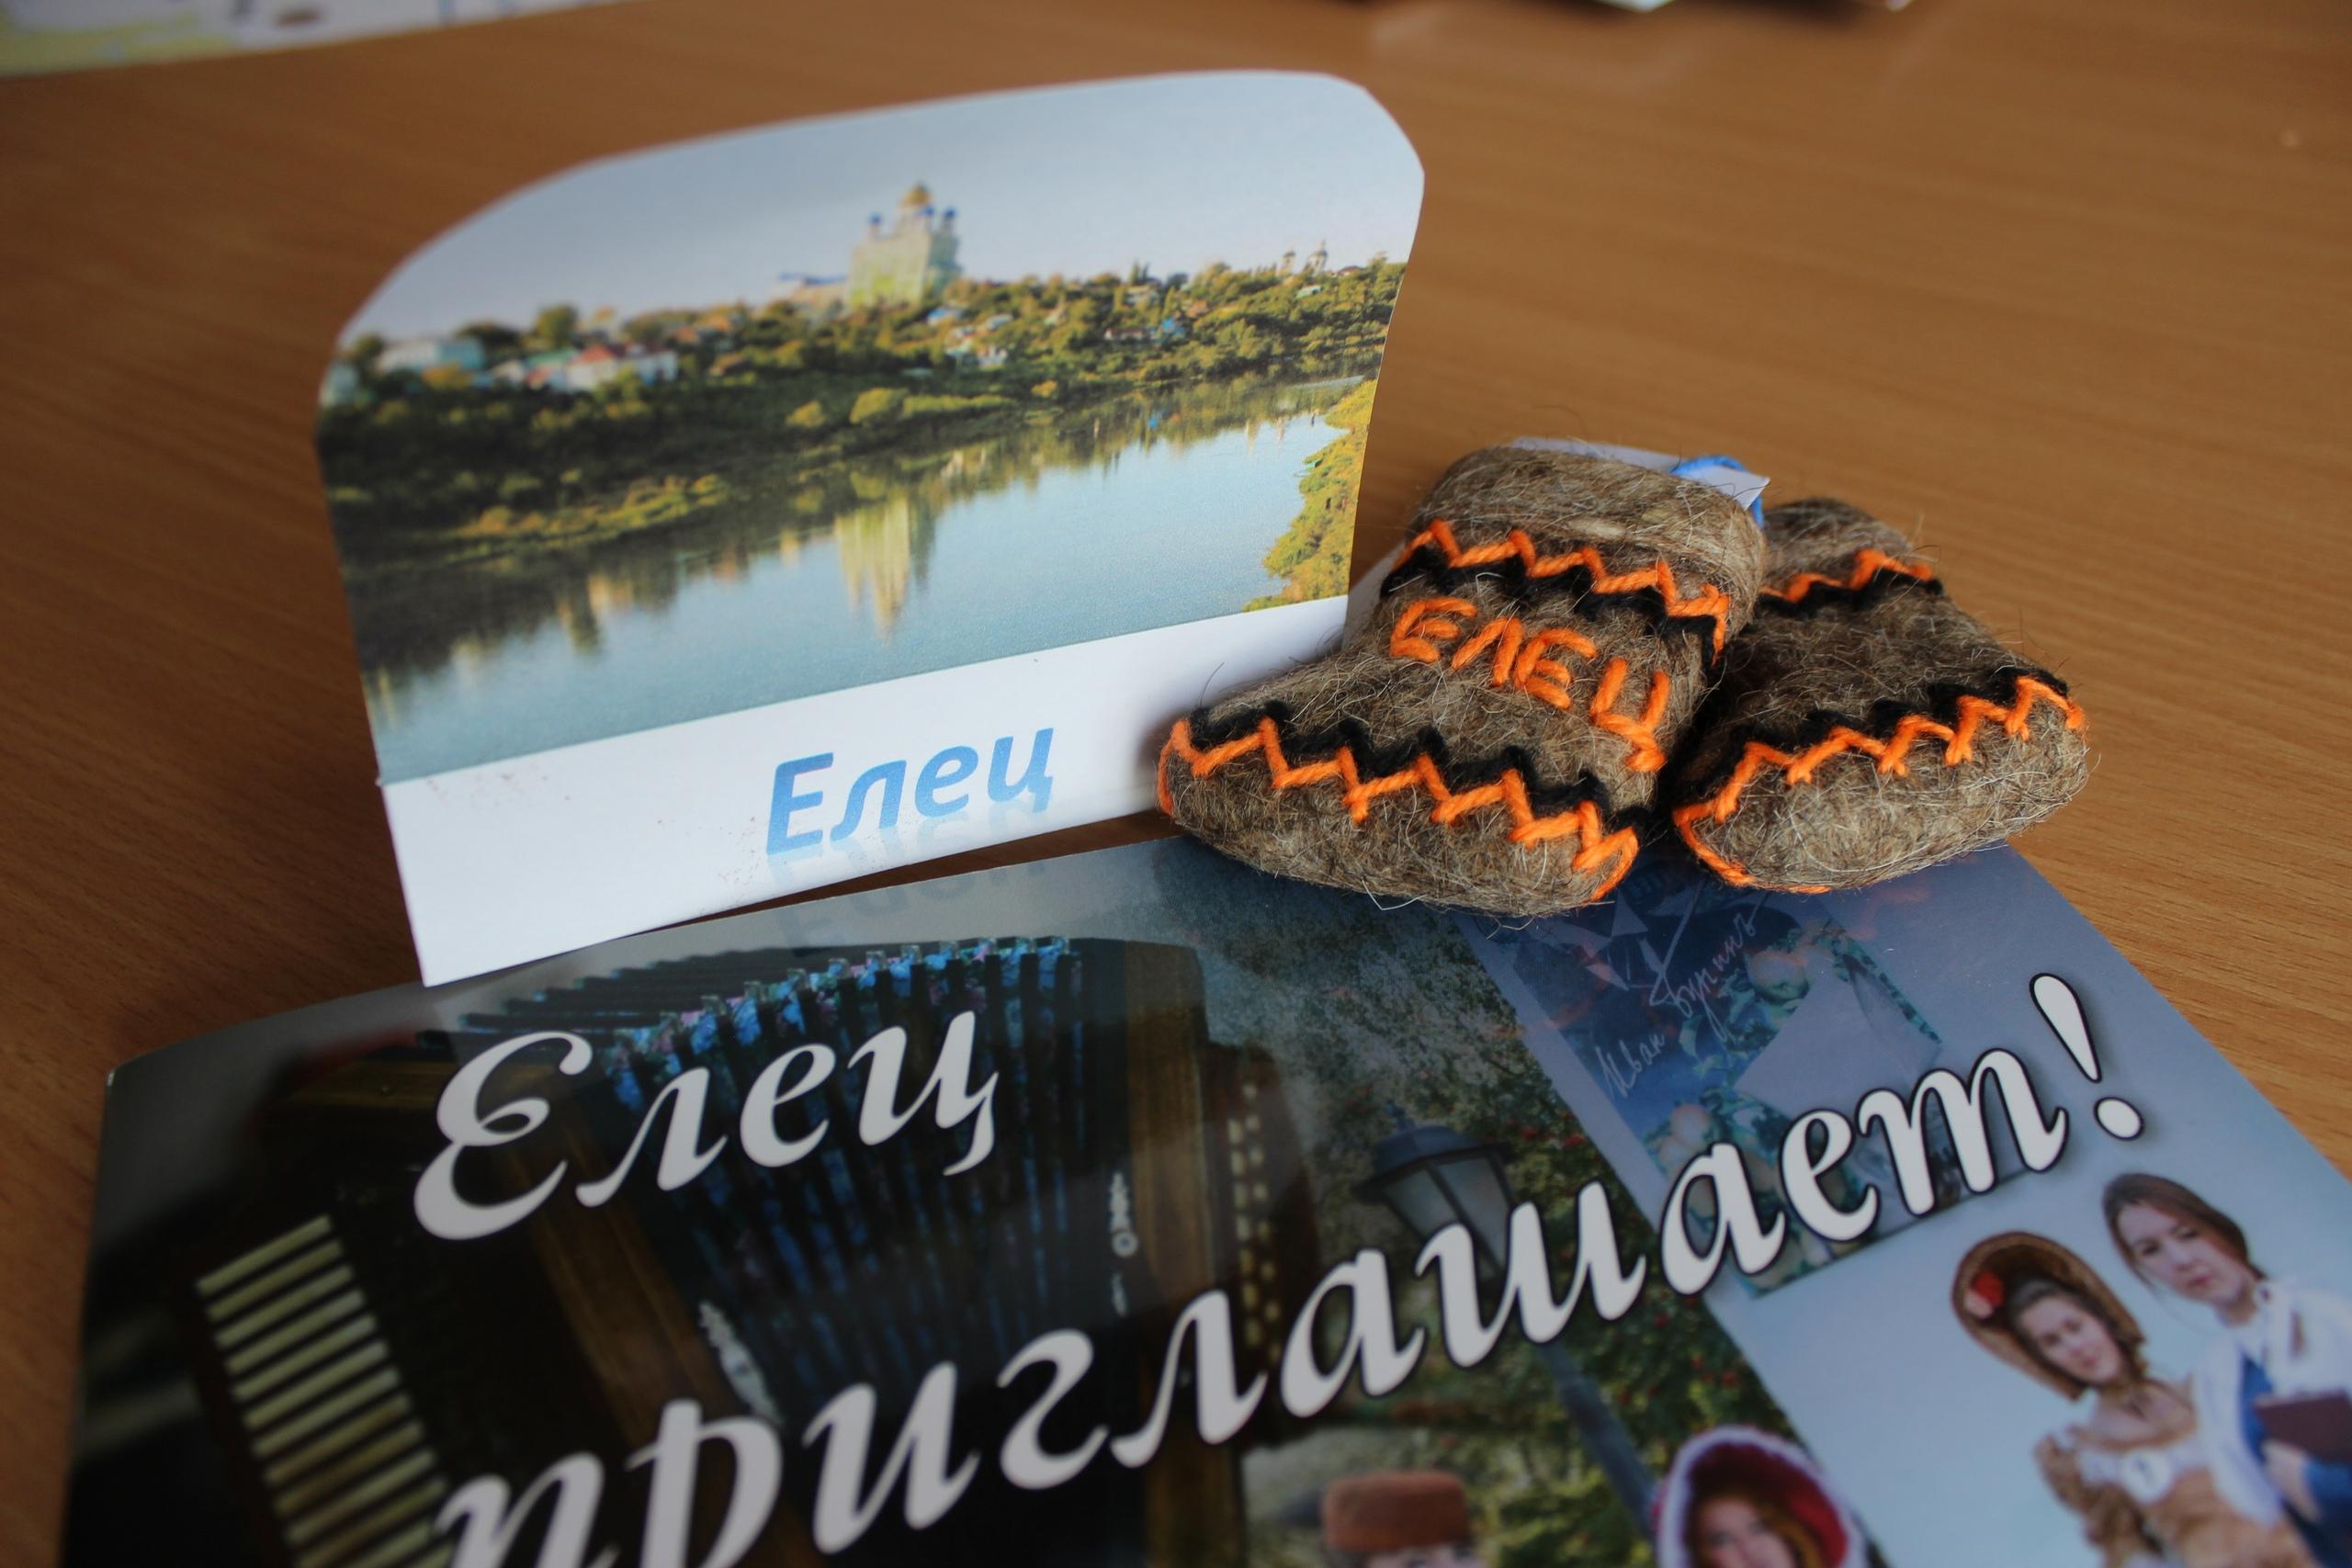 Города-побратимы привезли в Борисов сувениры и обсудили дальнейшее сотрудничество 2